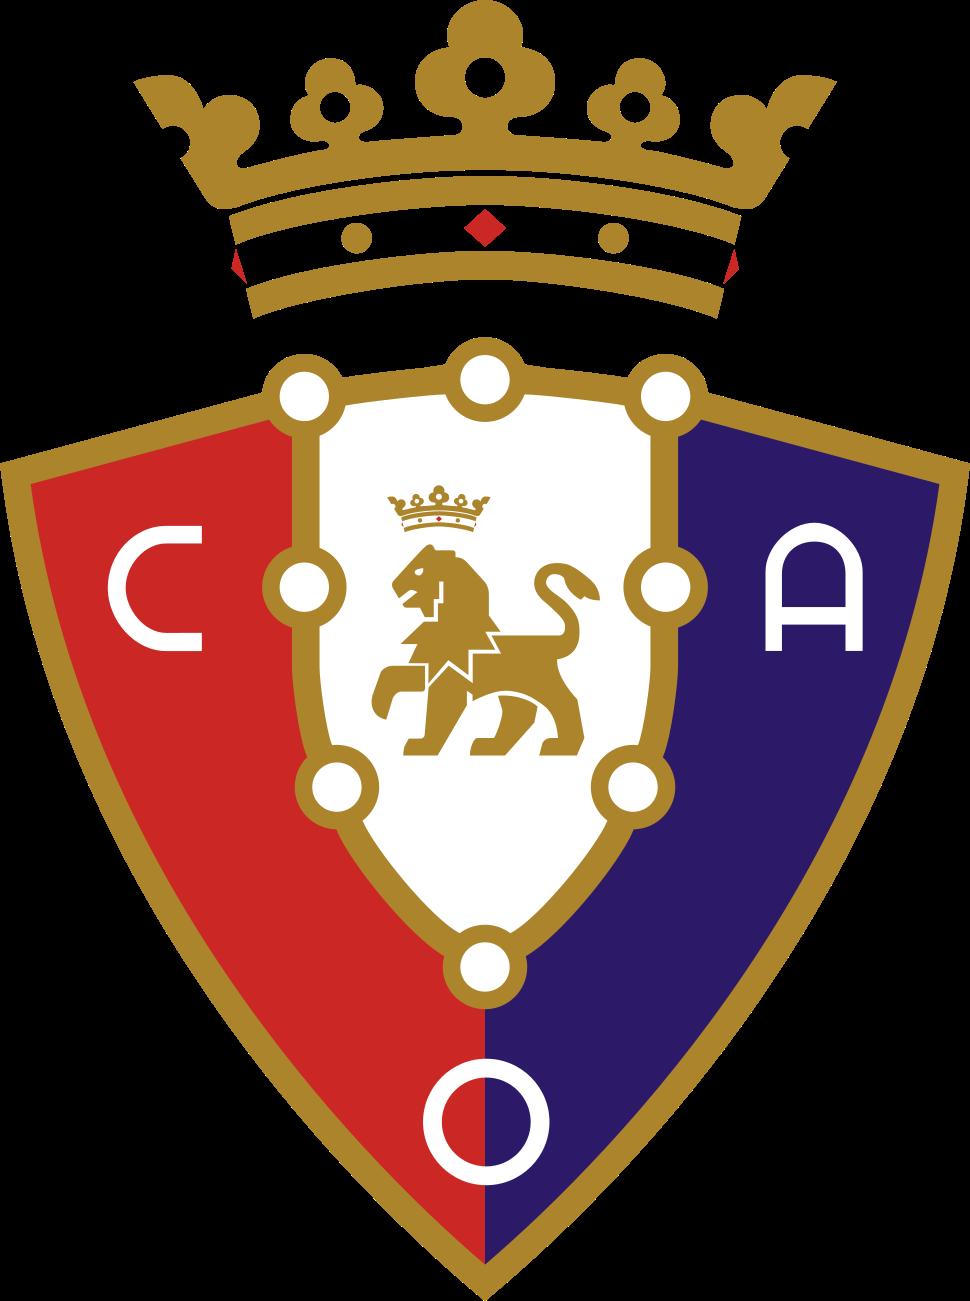 Состав команды футбольного клуба испании осасунапамплона